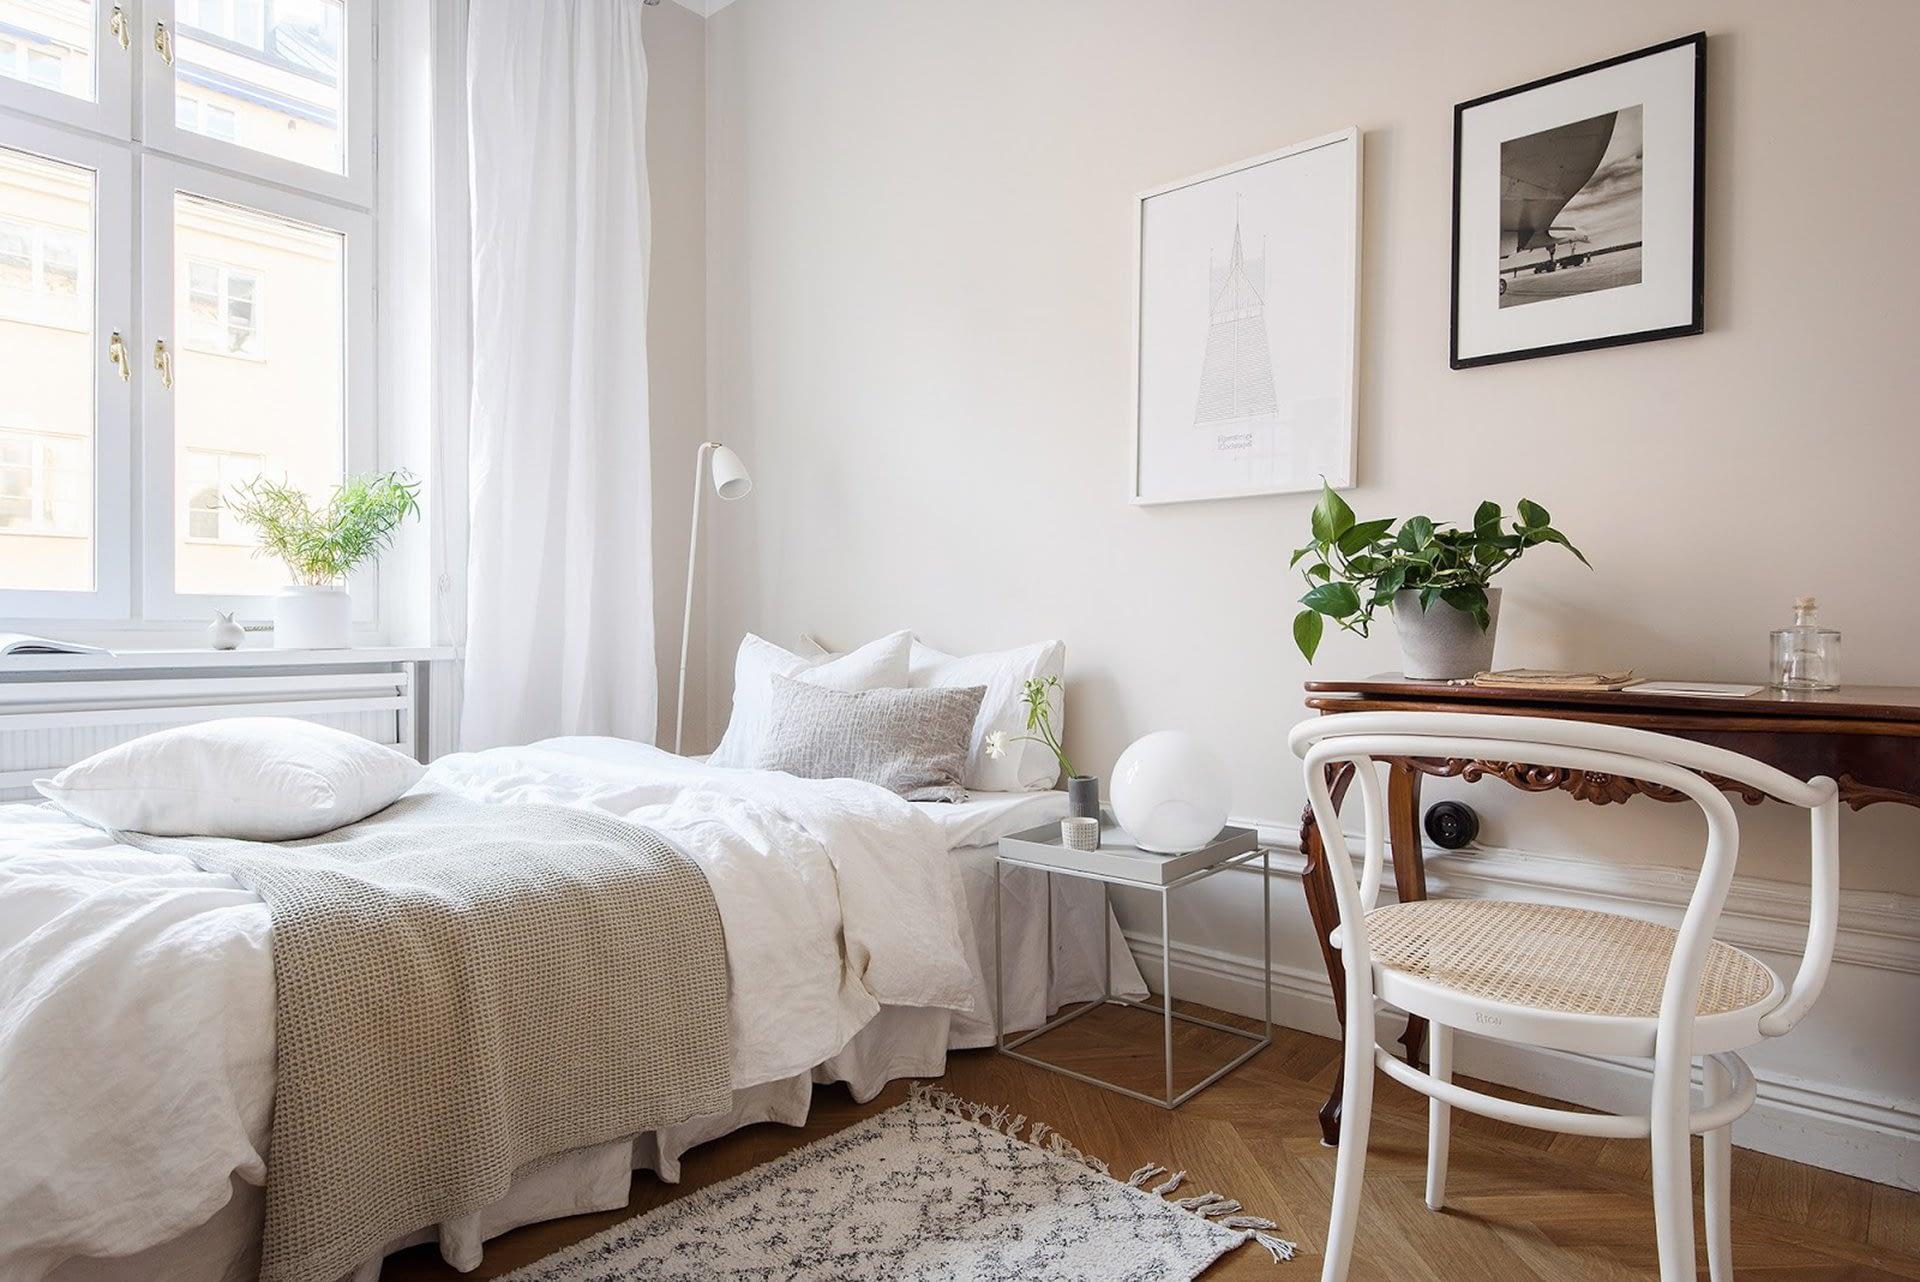 Amenajare scandinava in tonuri naturale de culoare intr-un apartament de 43 mp. 14